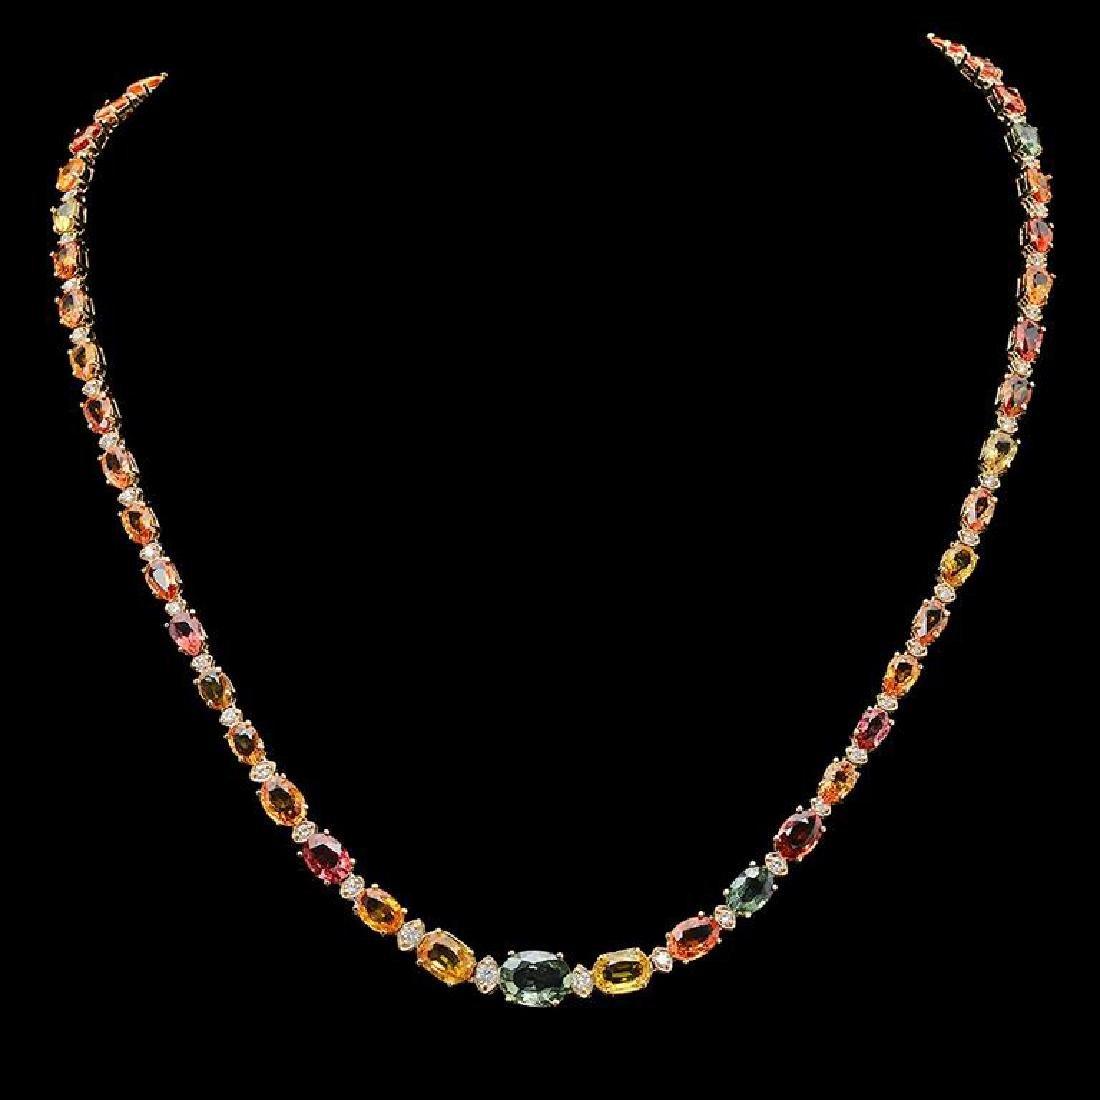 14K Gold 27.10ct Multi-Color Sapphire & 1.21ct Diamond